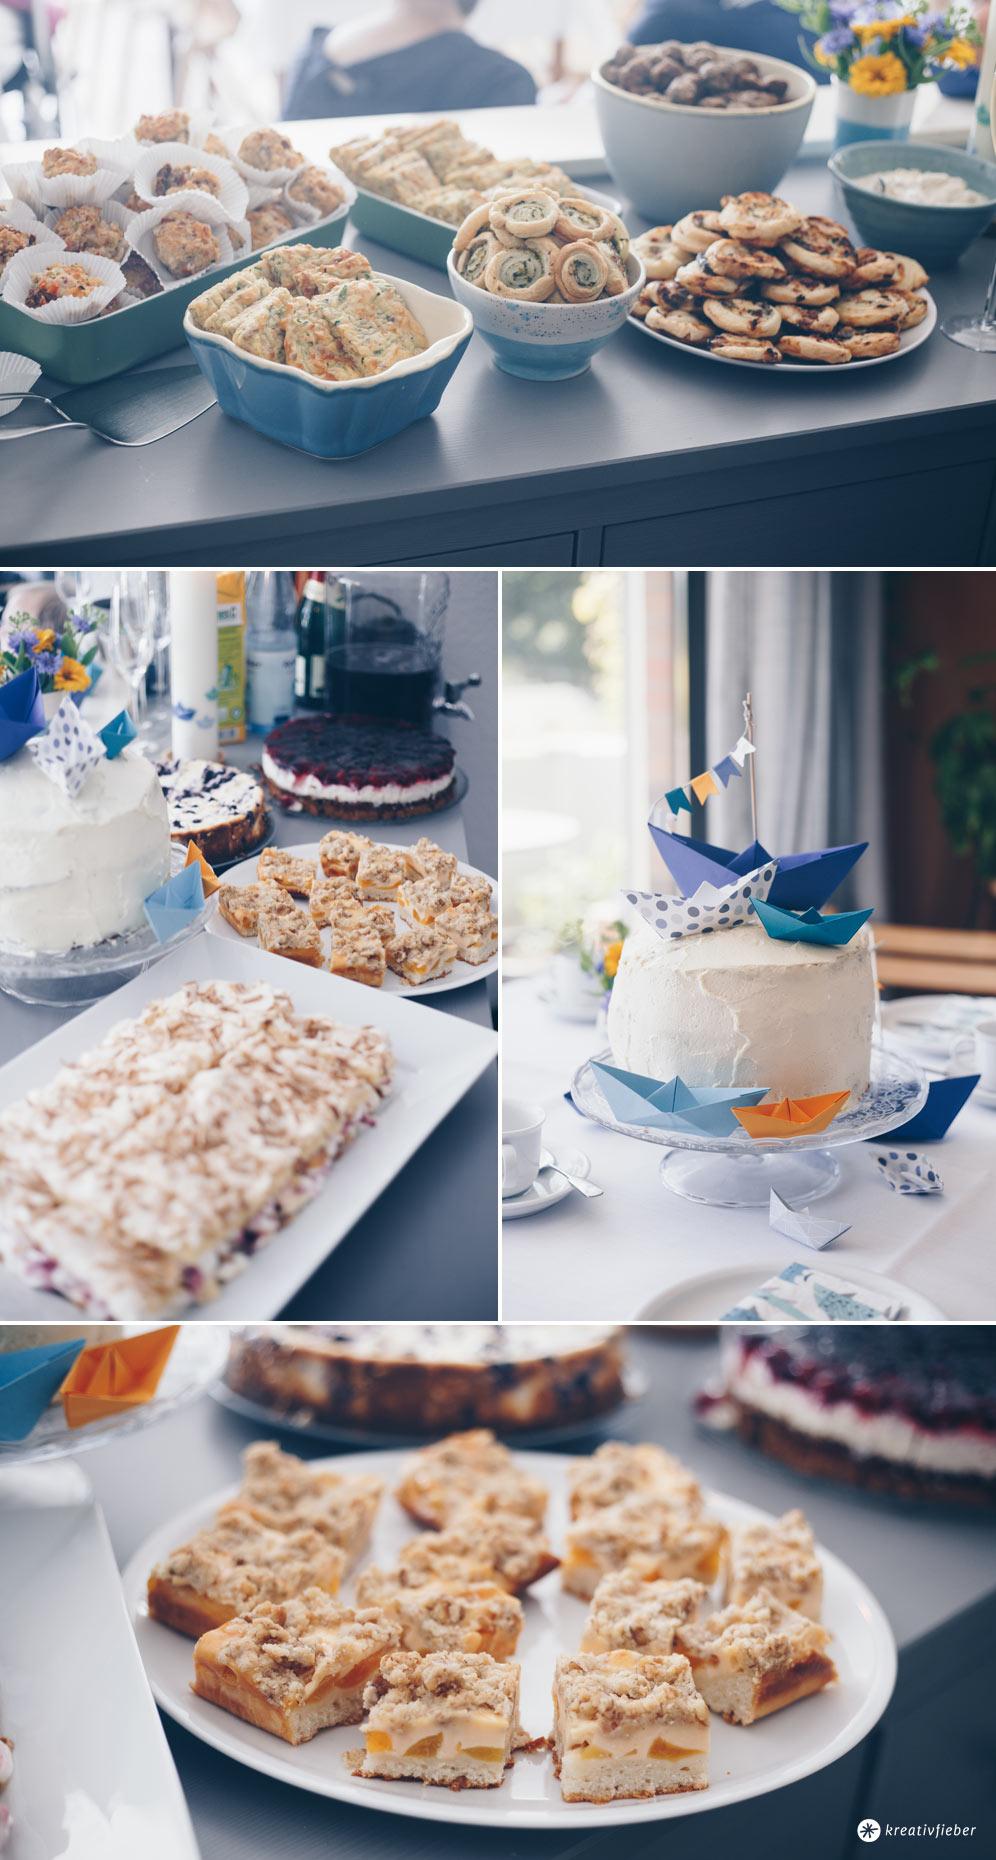 Carrot Cake Tauftorte selbermachen - 5 Tipps für eine entspannte Vorbereitung einer Tauffeier - Kuchenbuffet für 20 Personen planen